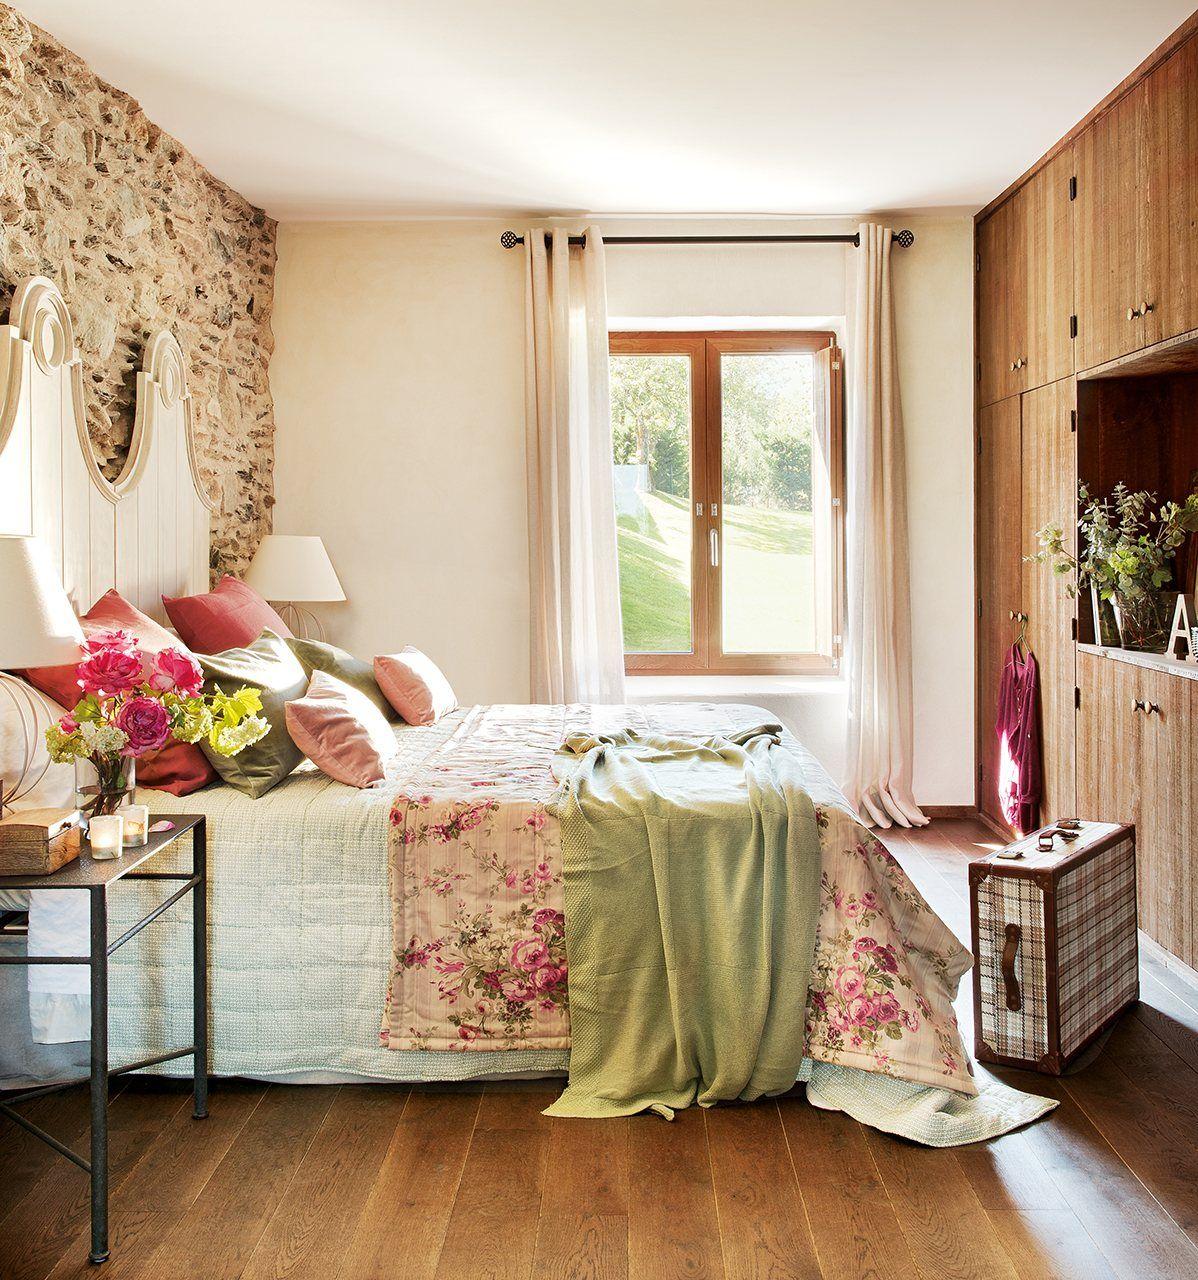 12 dormitorios peque os y acogedores - Armarios pequenos dormitorio ...